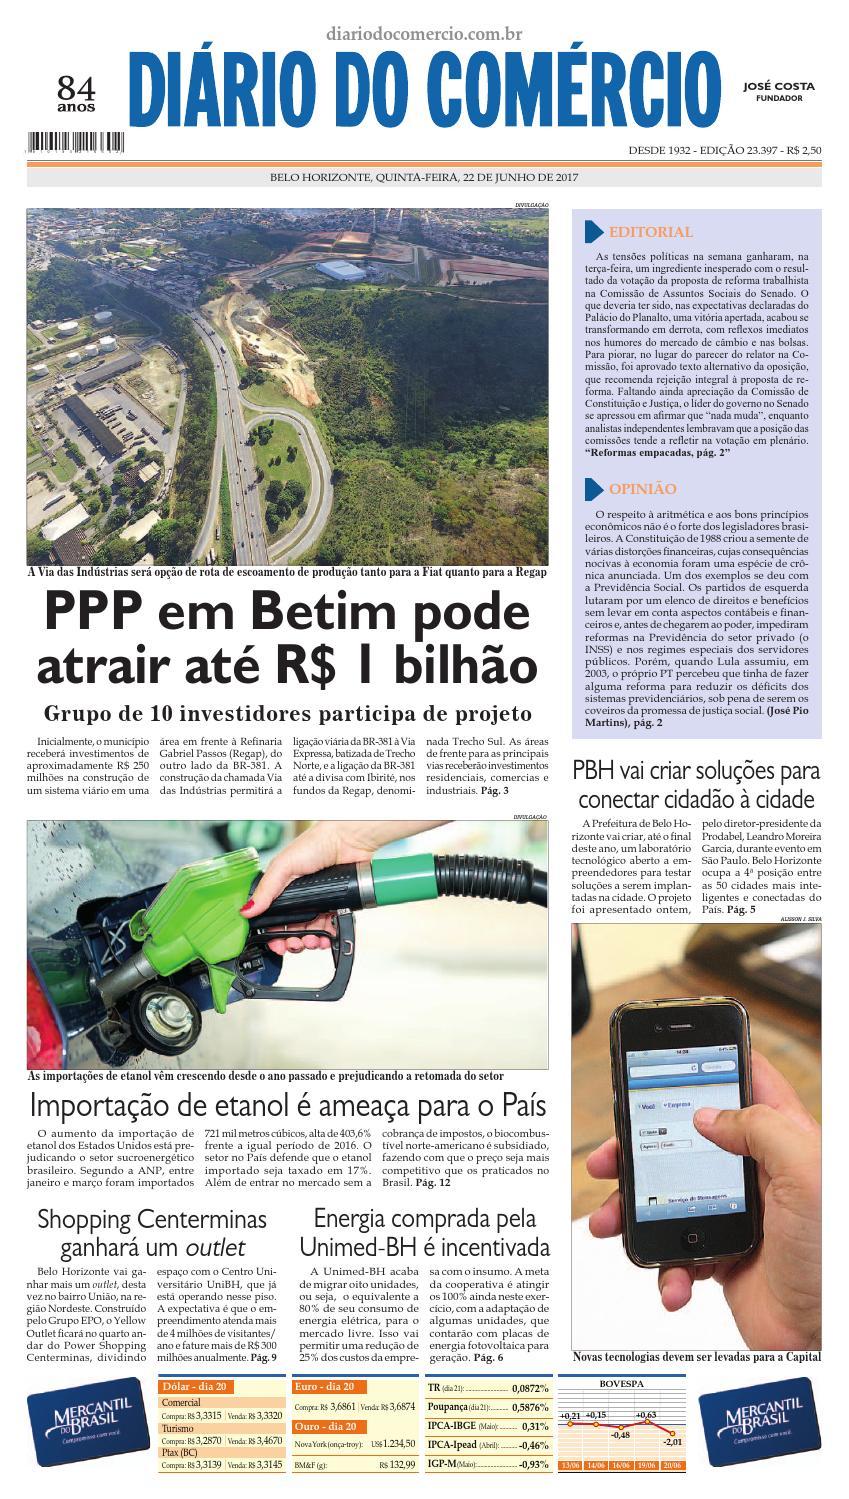 5febd36d5 23397 by Diário do Comércio - Belo Horizonte - issuu